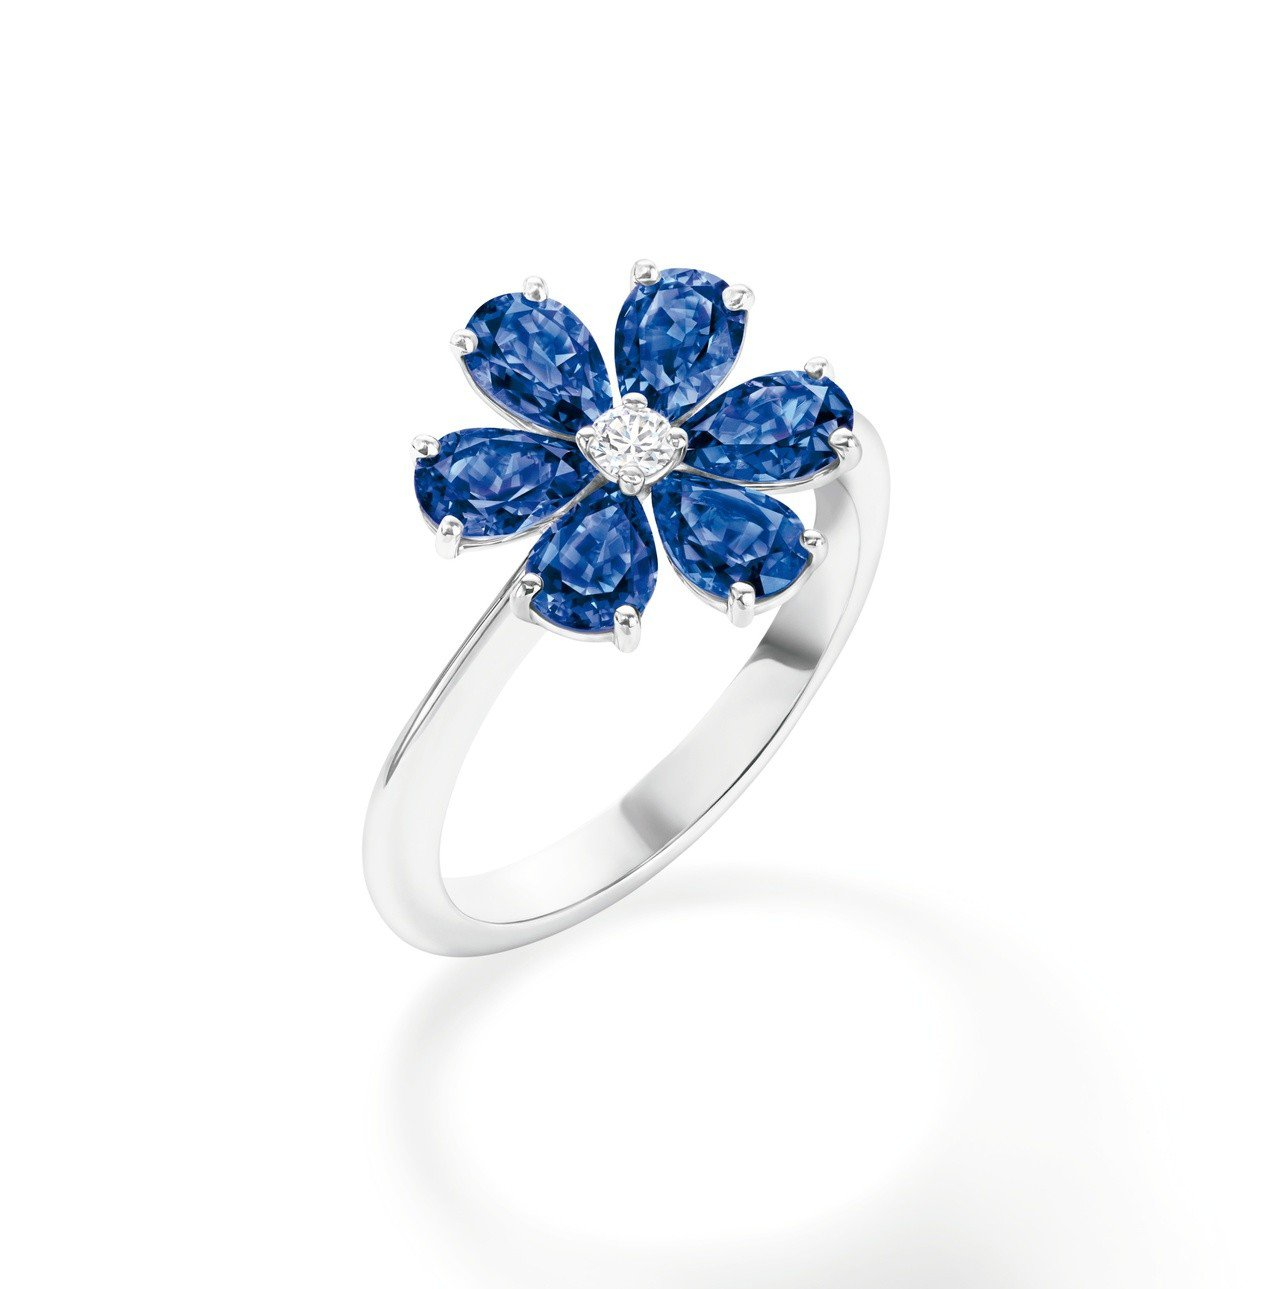 海瑞溫斯頓 勿忘我Forget-Me-Not藍寶石和鑽石戒指。圖/Harry W...